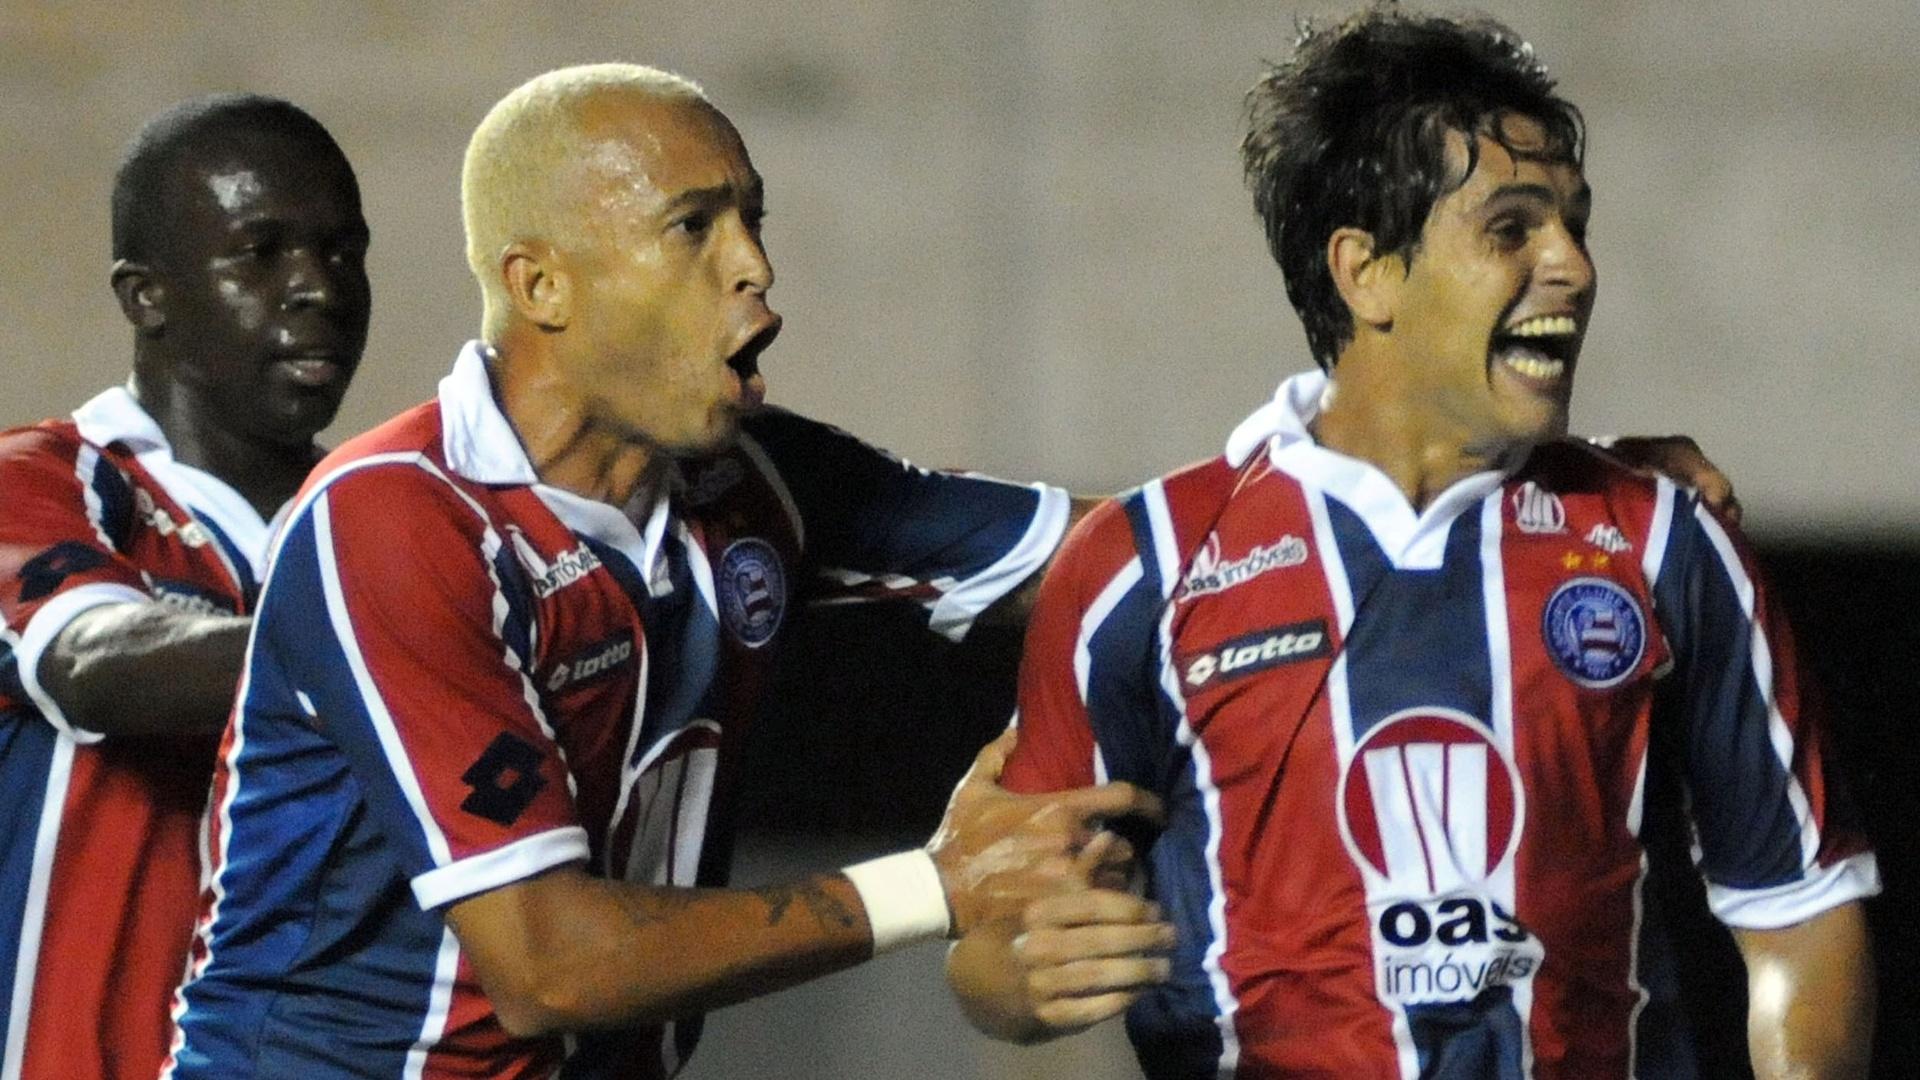 Fahel marca o gol da vitória do Bahia sobre o Atlético-GO por 2 a 1 (07/08/11)